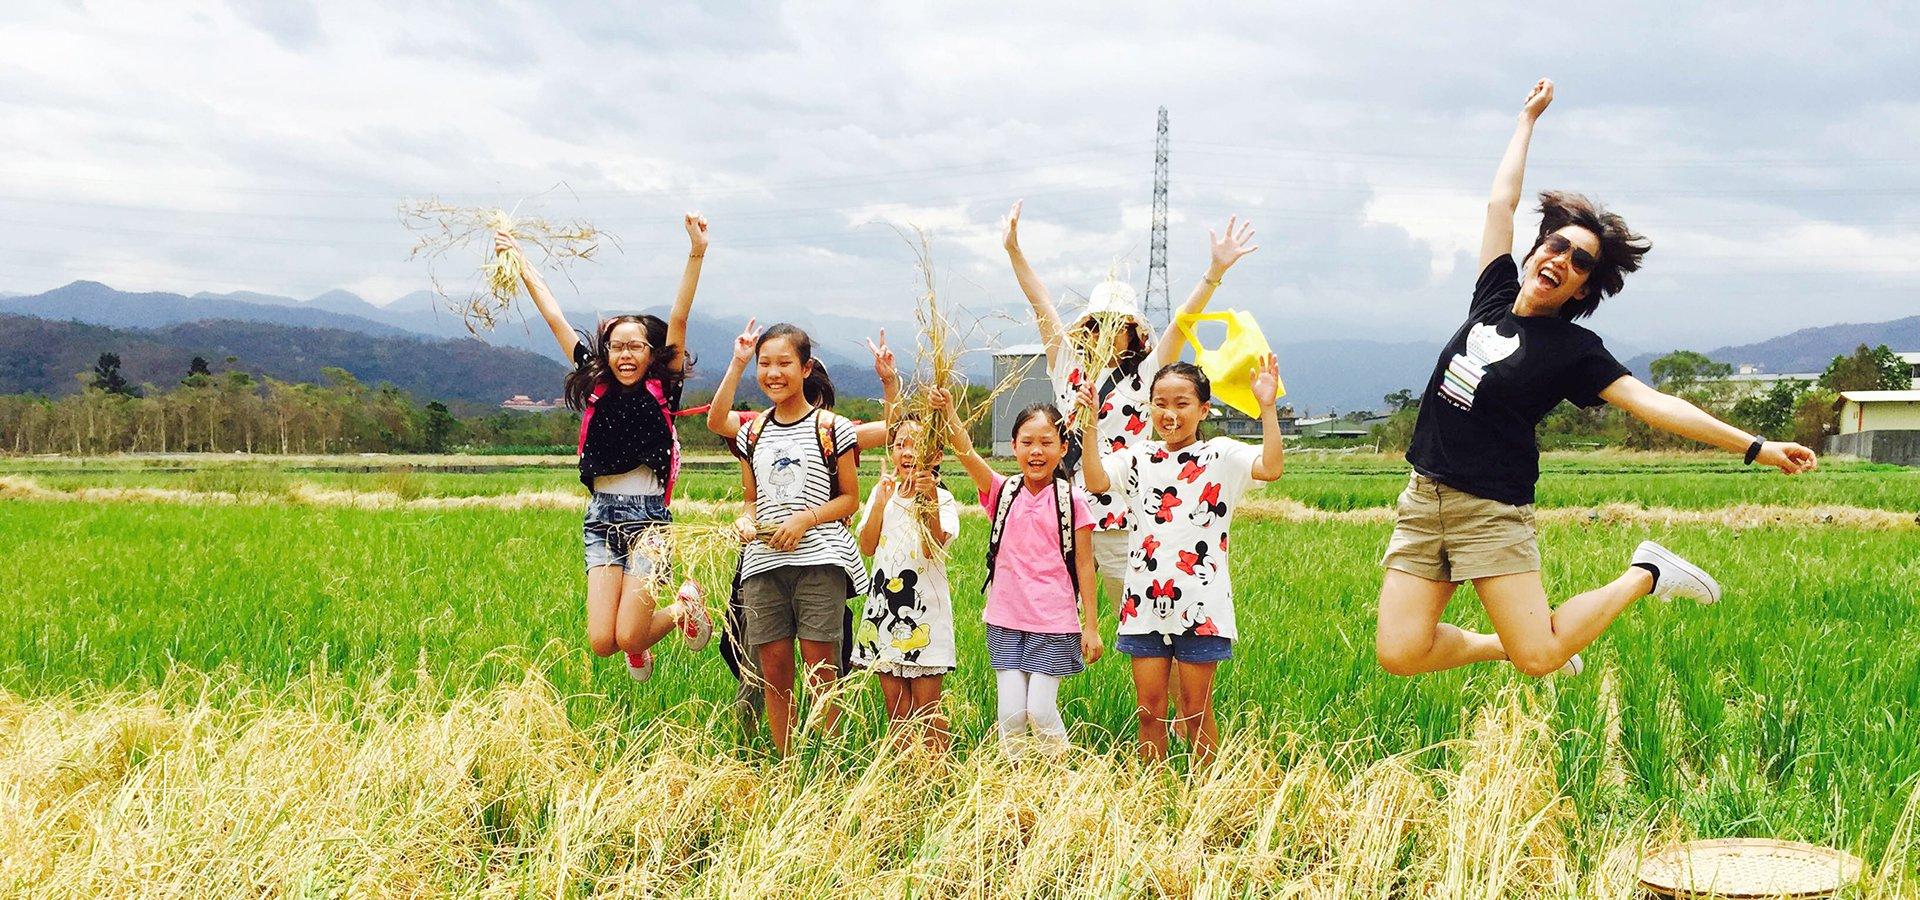 童話村 找稻幸福趣-看誰跳得比較高